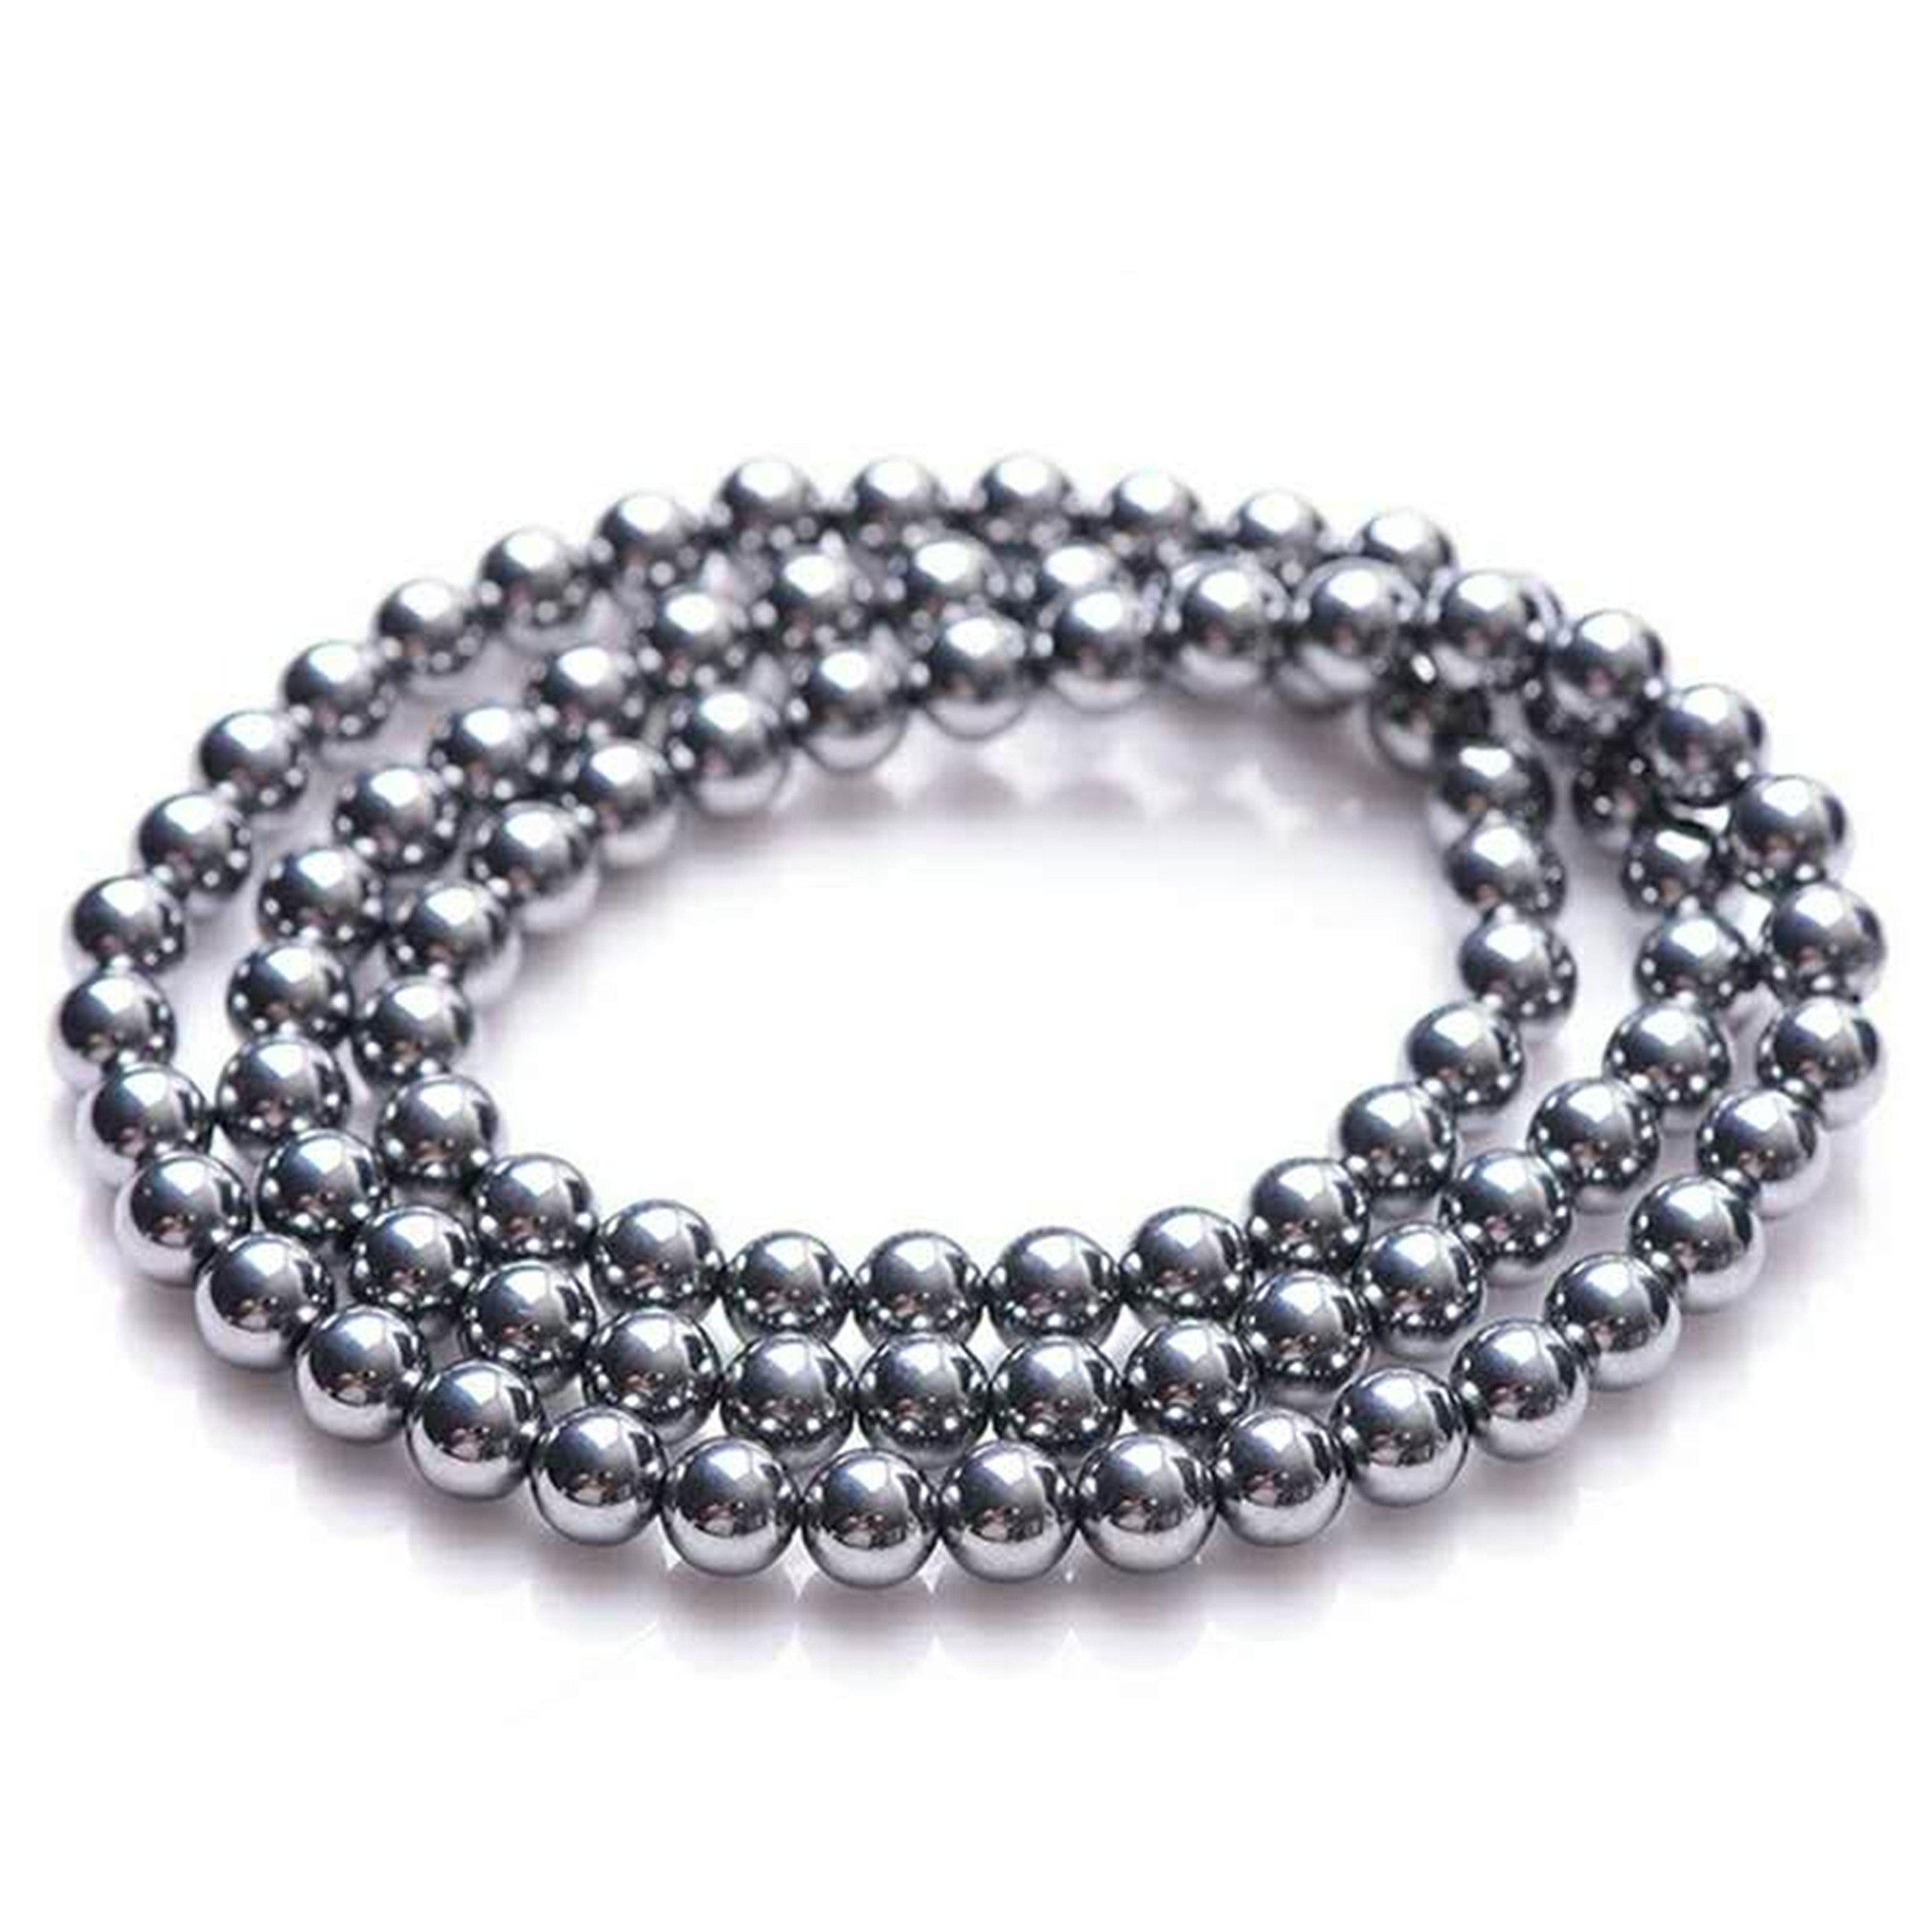 Natural Terahertz Wave Gemstone Round Beads Healing Bracelet 6mm